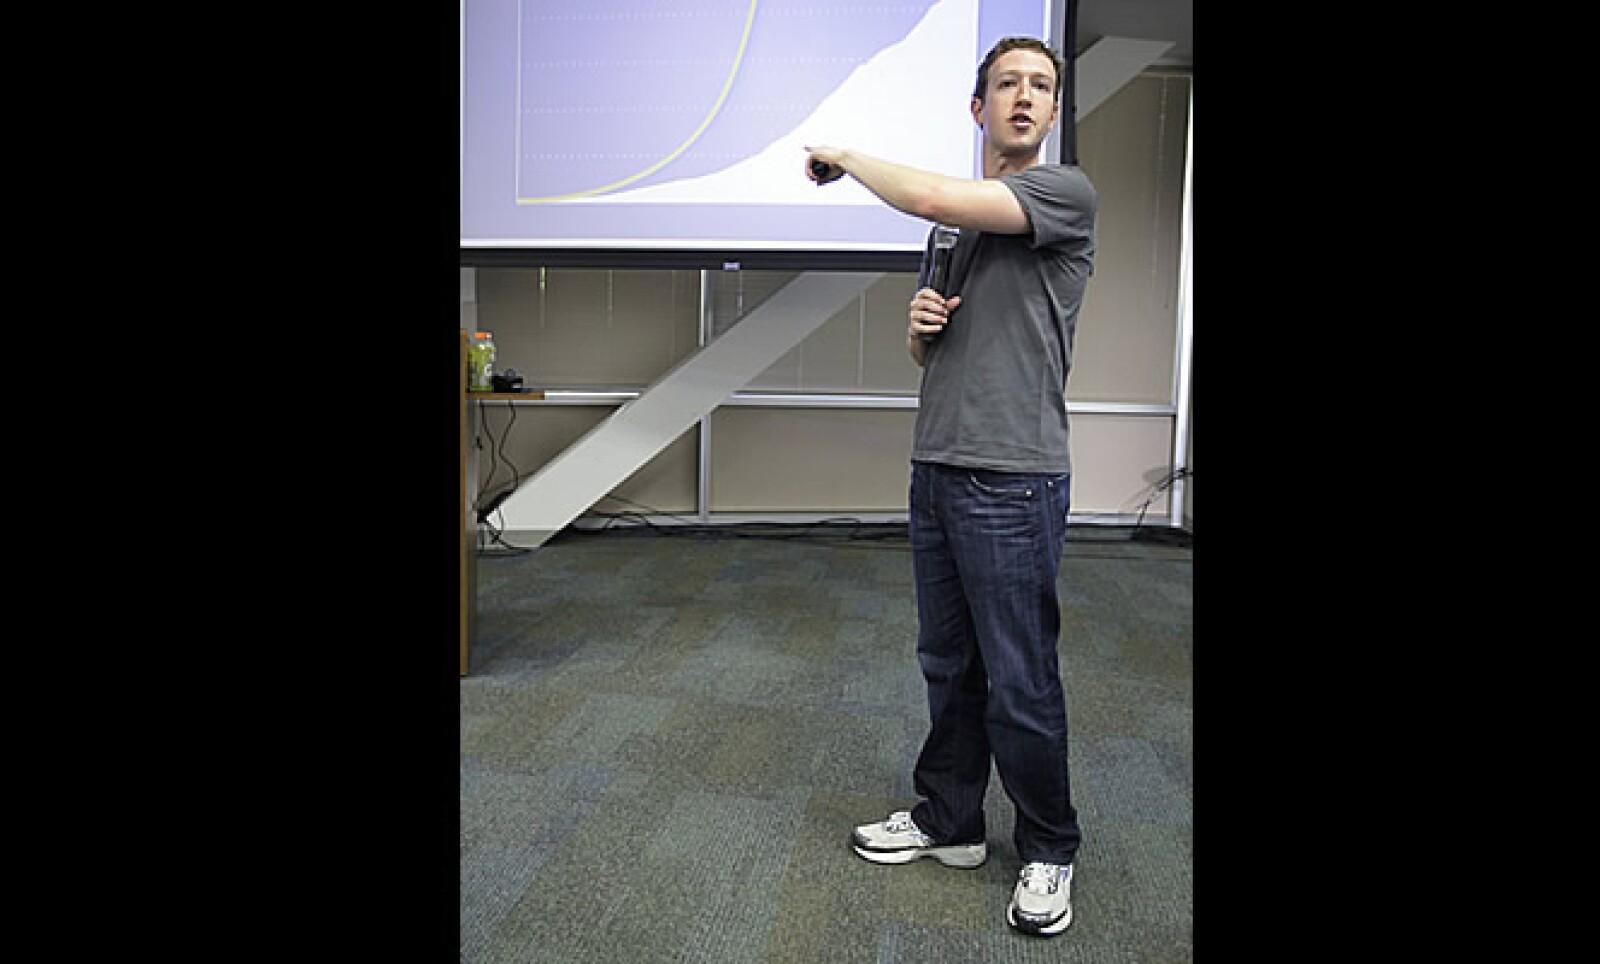 El fundador de Facebook se ubica en la primera posición de la lista de 'Hombres de tecnología peores vestidos', según un artículo de la revista estadounidense GQ. Su fortuna se acerca a los 13,500 millones de dólares, según Forbes.